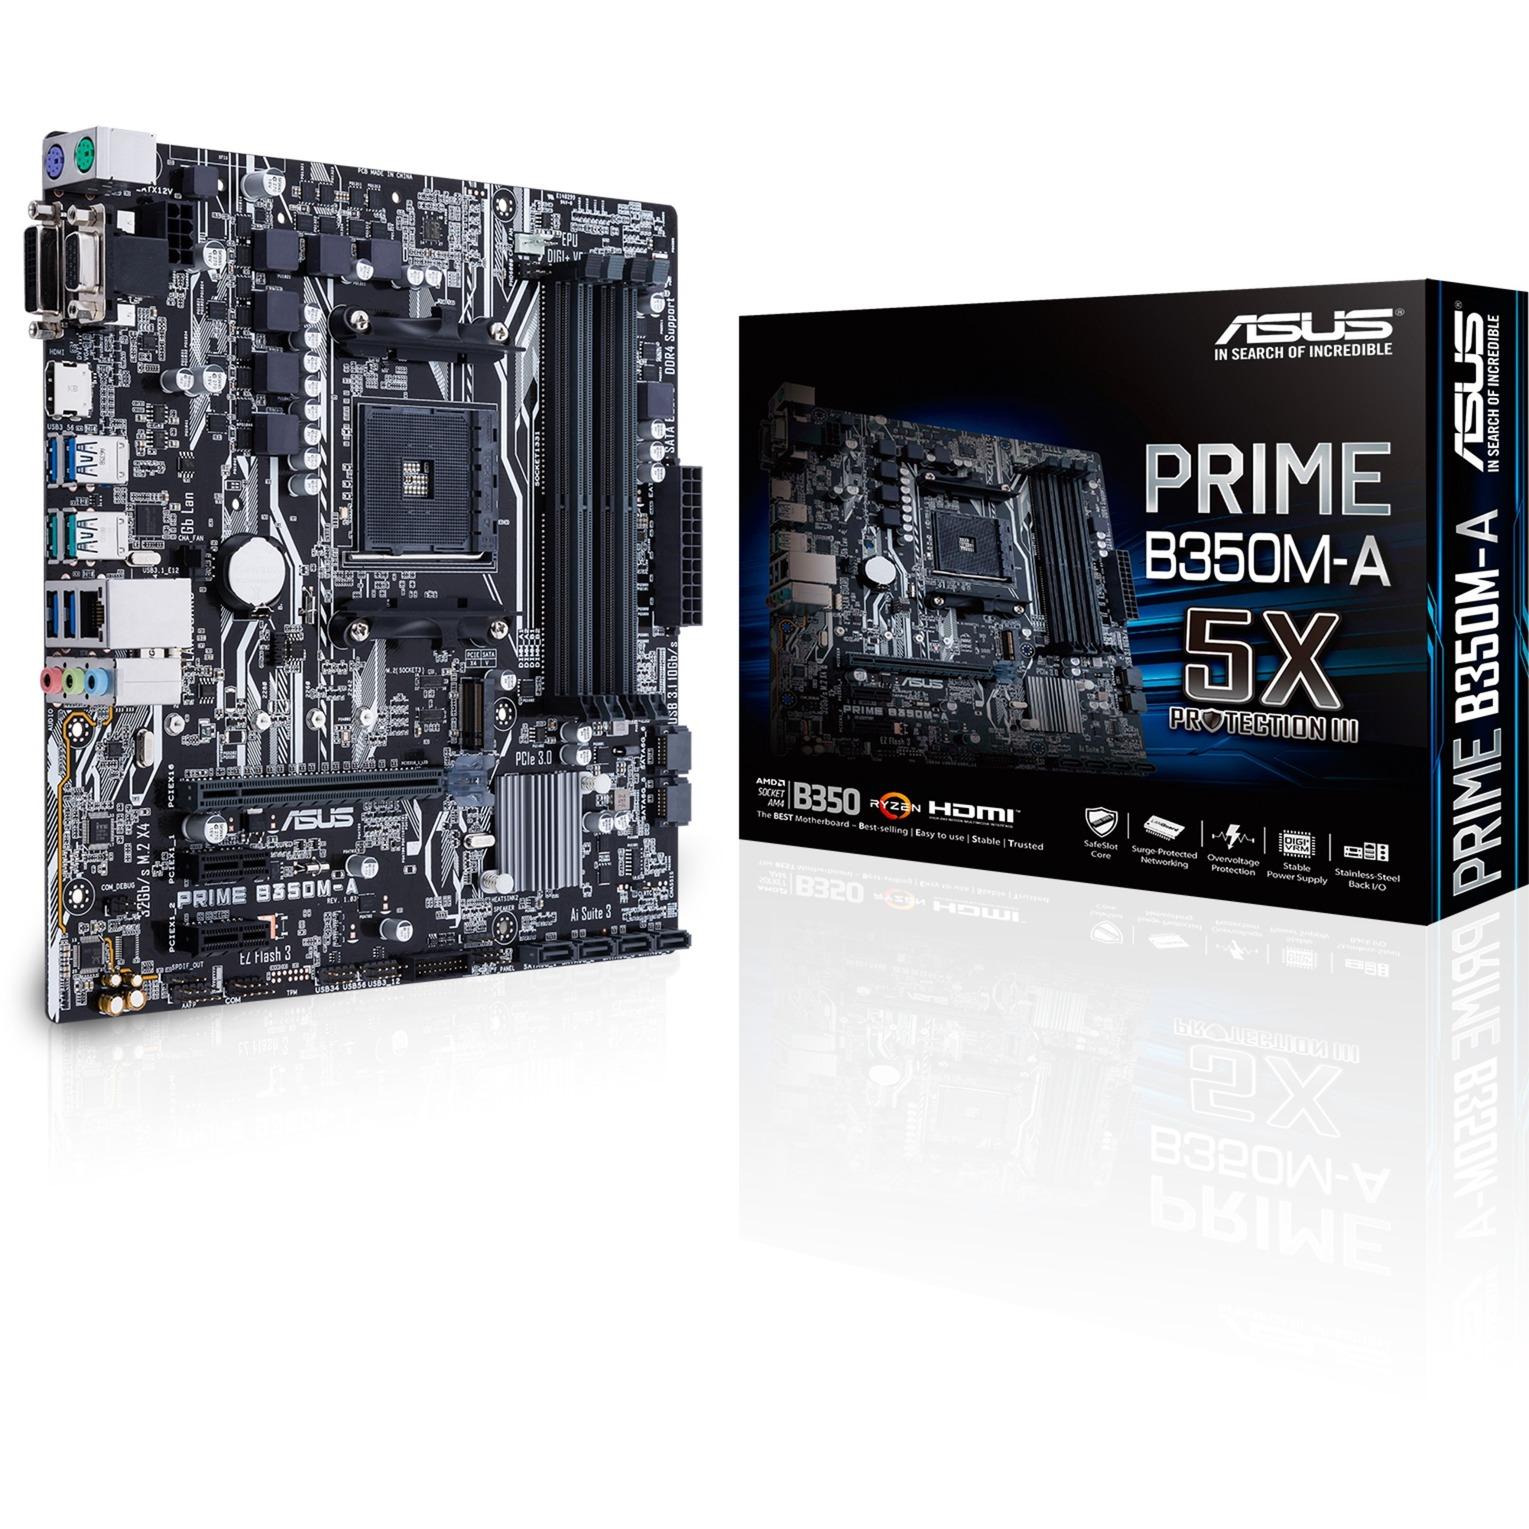 prime-b350m-a-amd-b350-socket-am4-micro-atx-bundkort